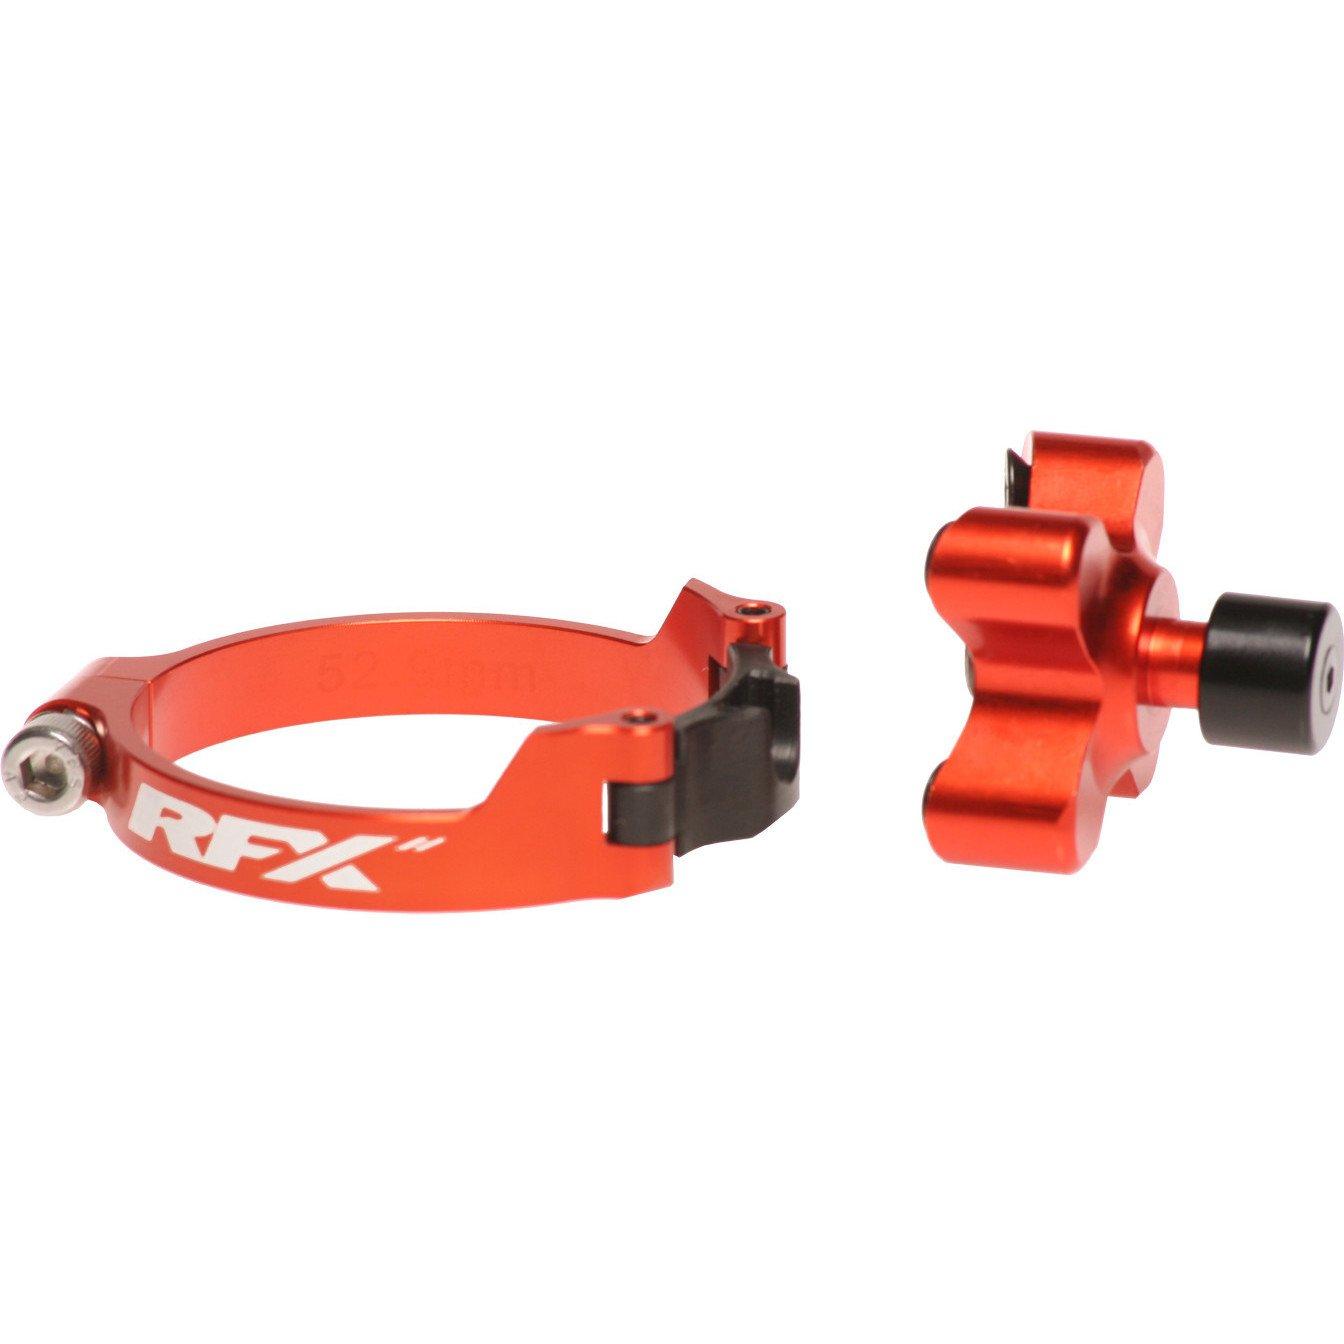 RFX Fxla 50200/99or lancement contr/ôle KTM SX 85/03/ on Orange 52,9/mm